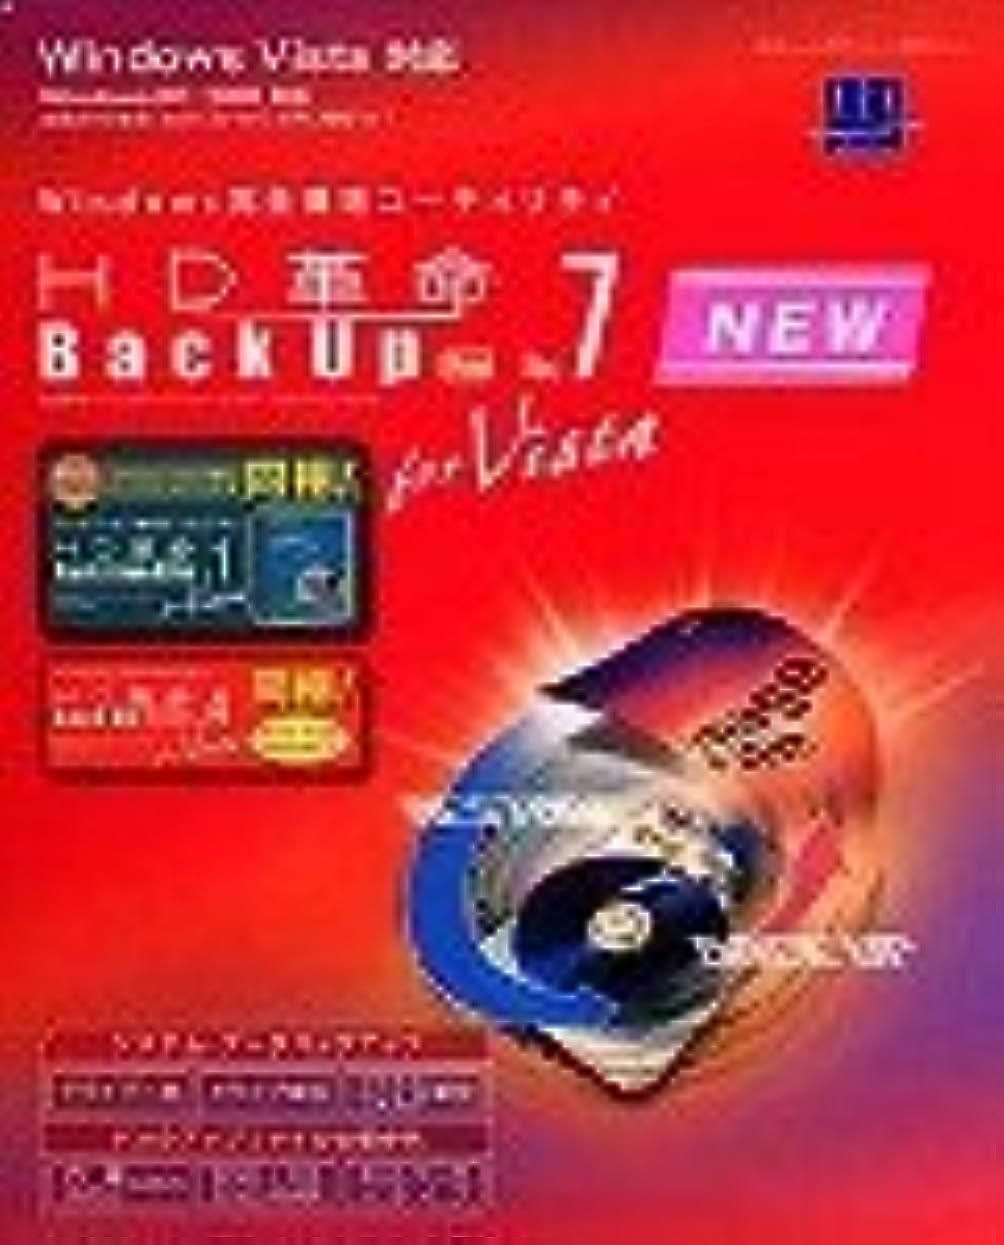 すみません操る大いにHD革命/BackUp Ver.7 for Vista Pro